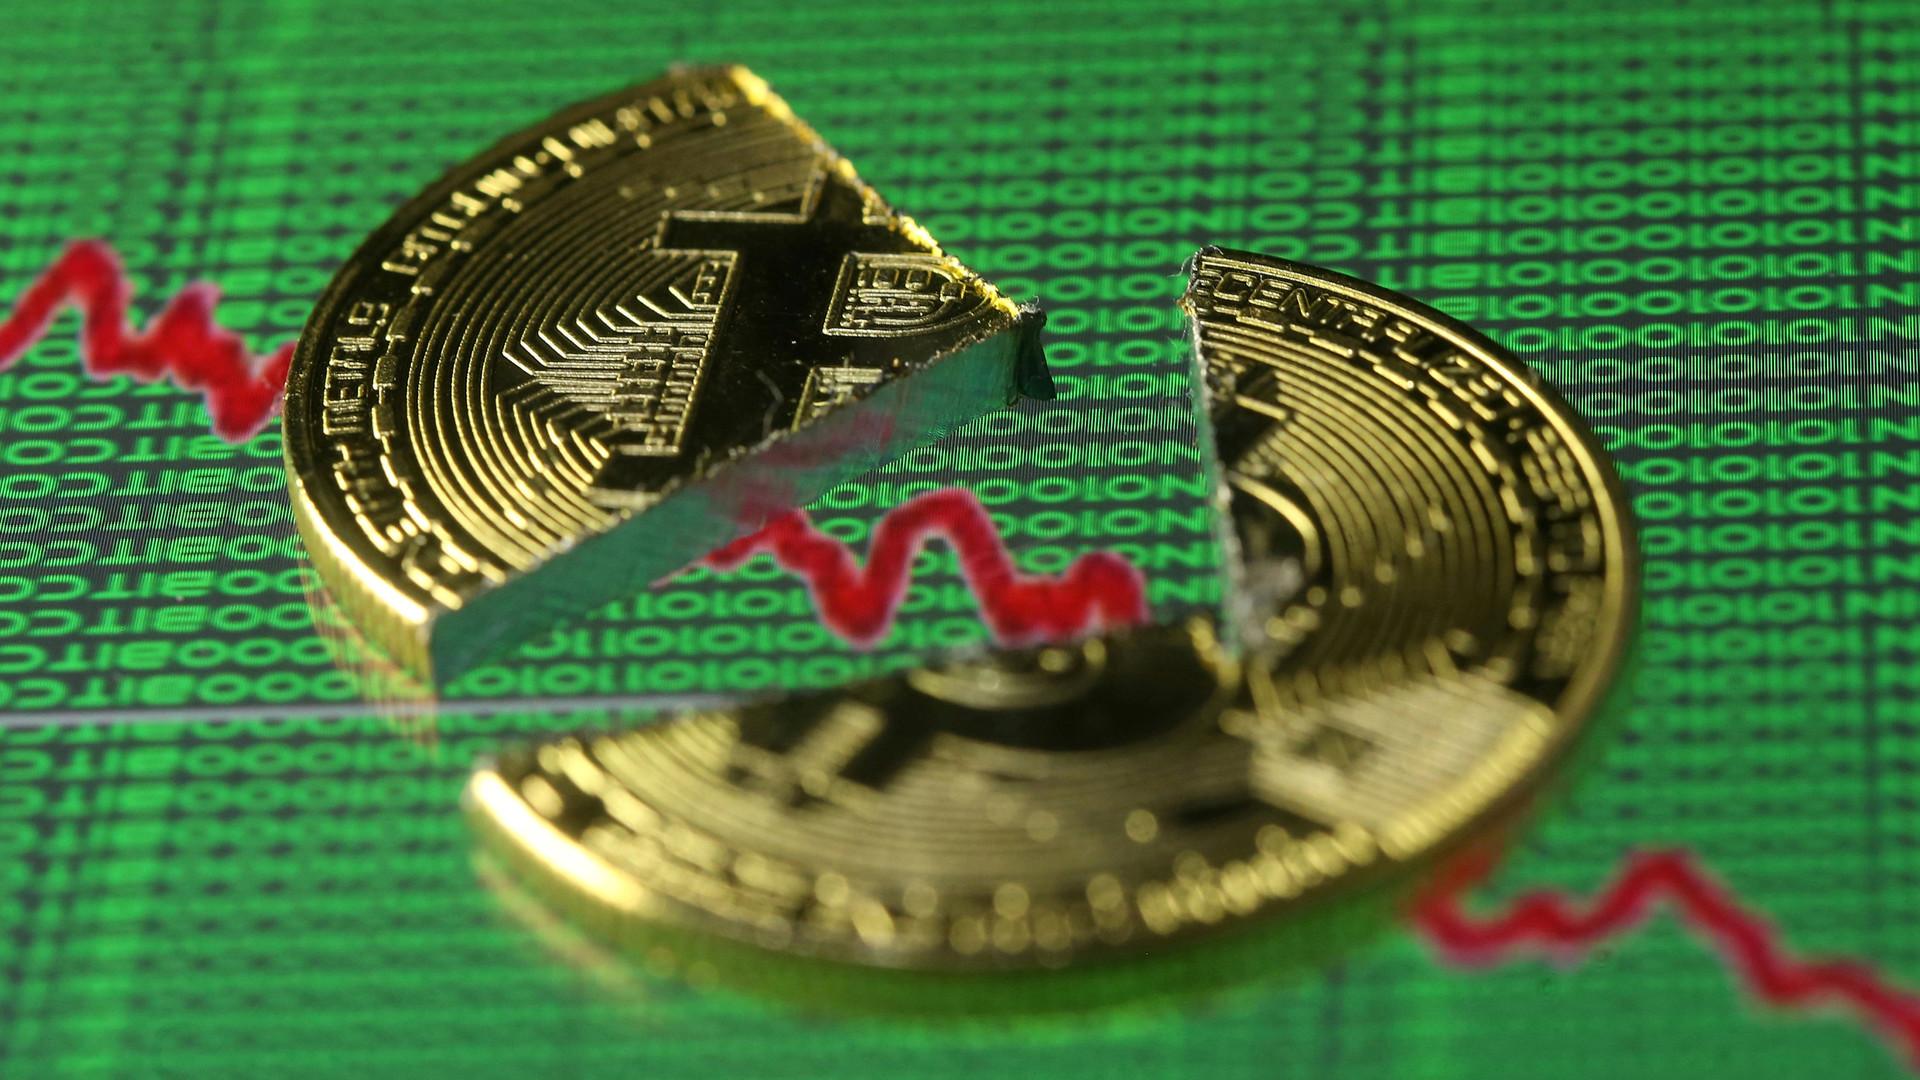 Биткойн больше не наиболее популярная криптовалюта,— специалисты